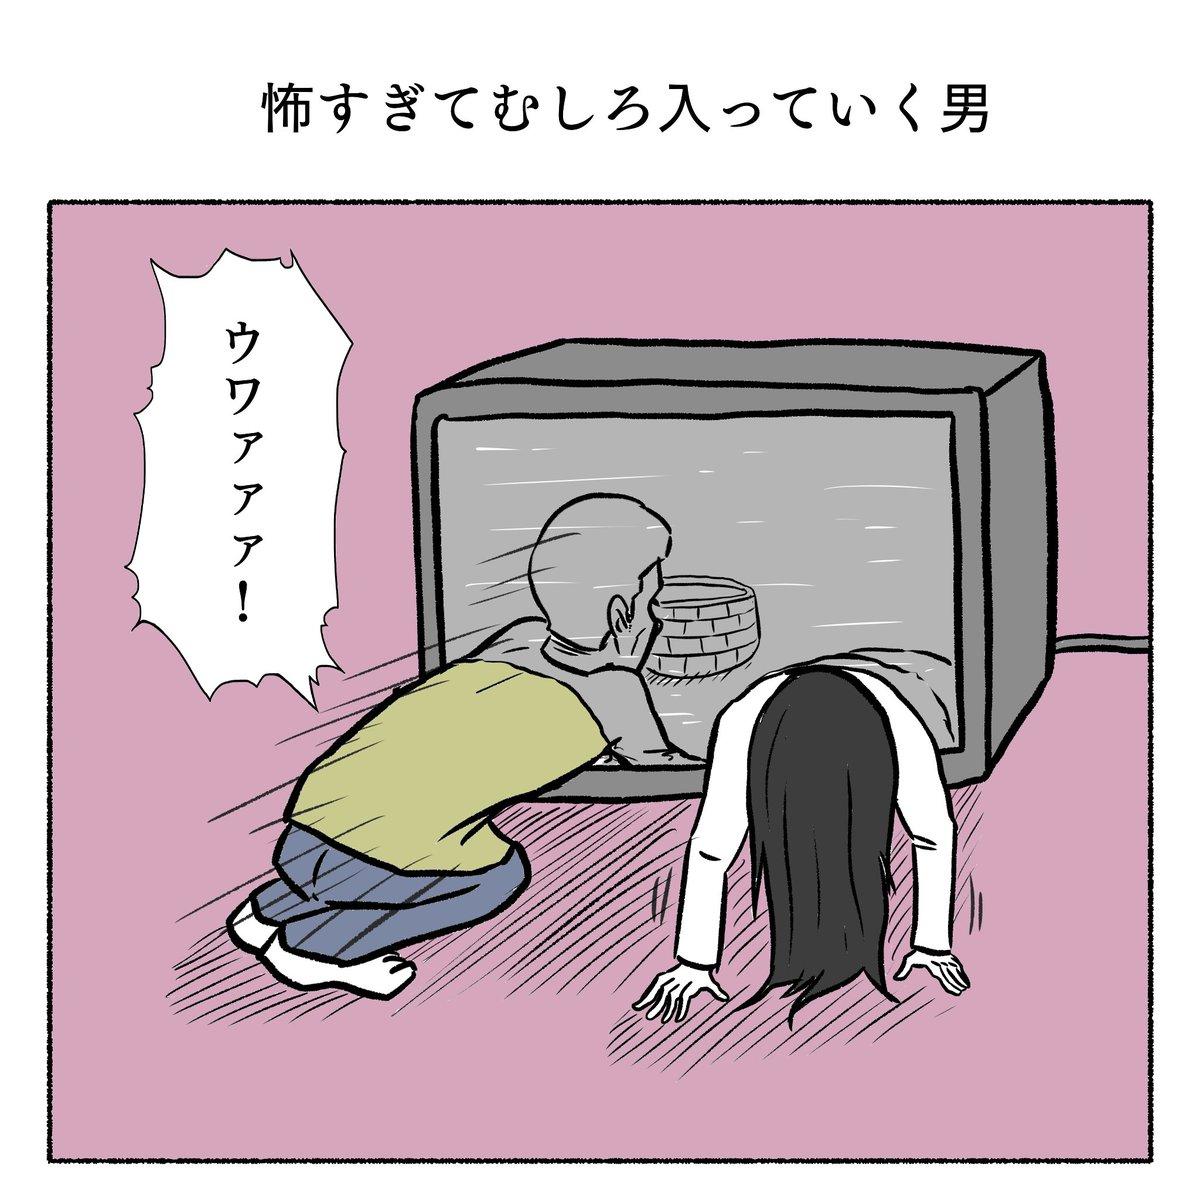 因為太害怕只好逃去電視裡面了 Ed2rkwrUMAAvwZ1